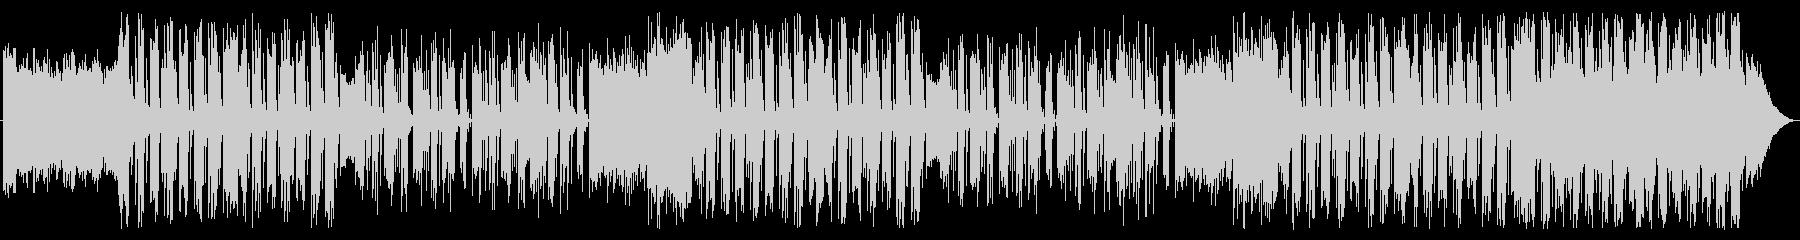 メロディアスで風格ある和風エレクトロの未再生の波形